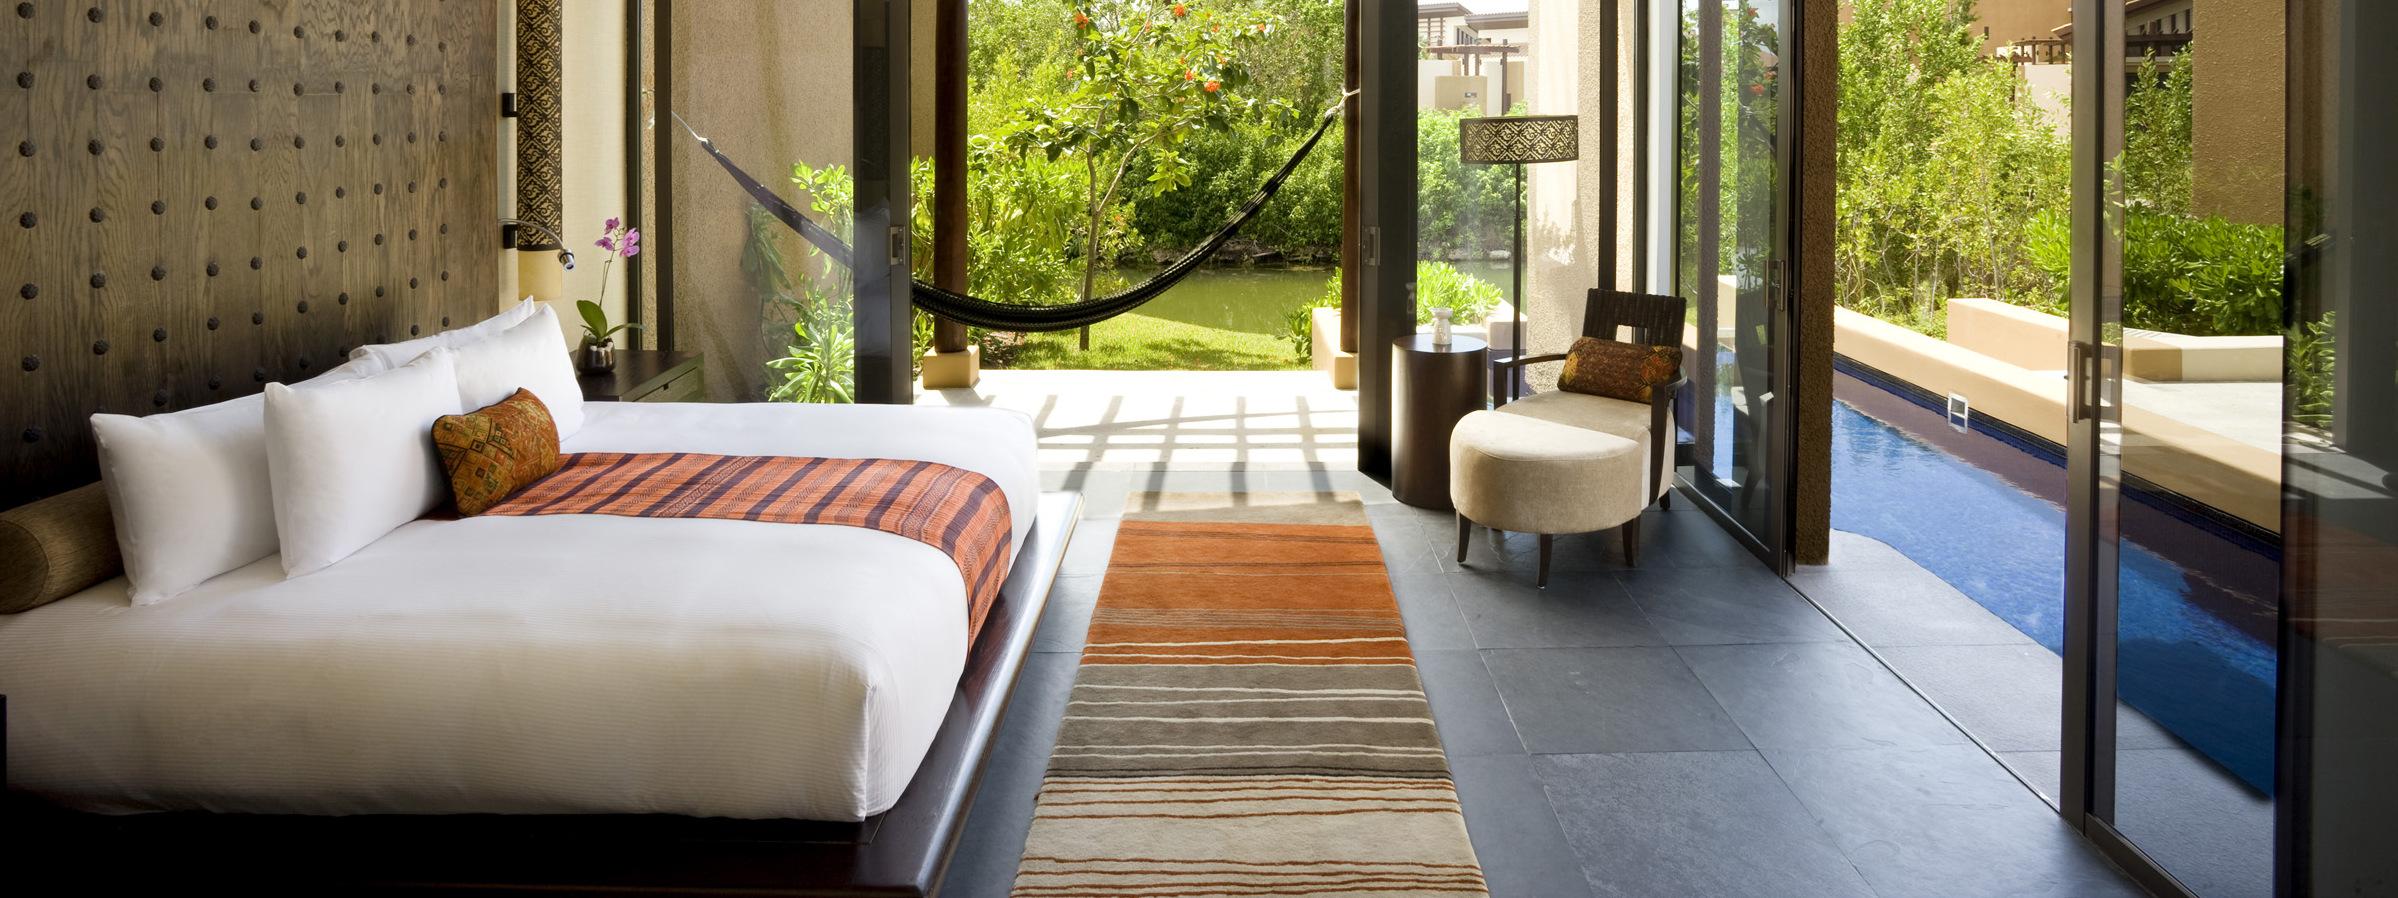 Bliss_Pool_Villa_Bedroom